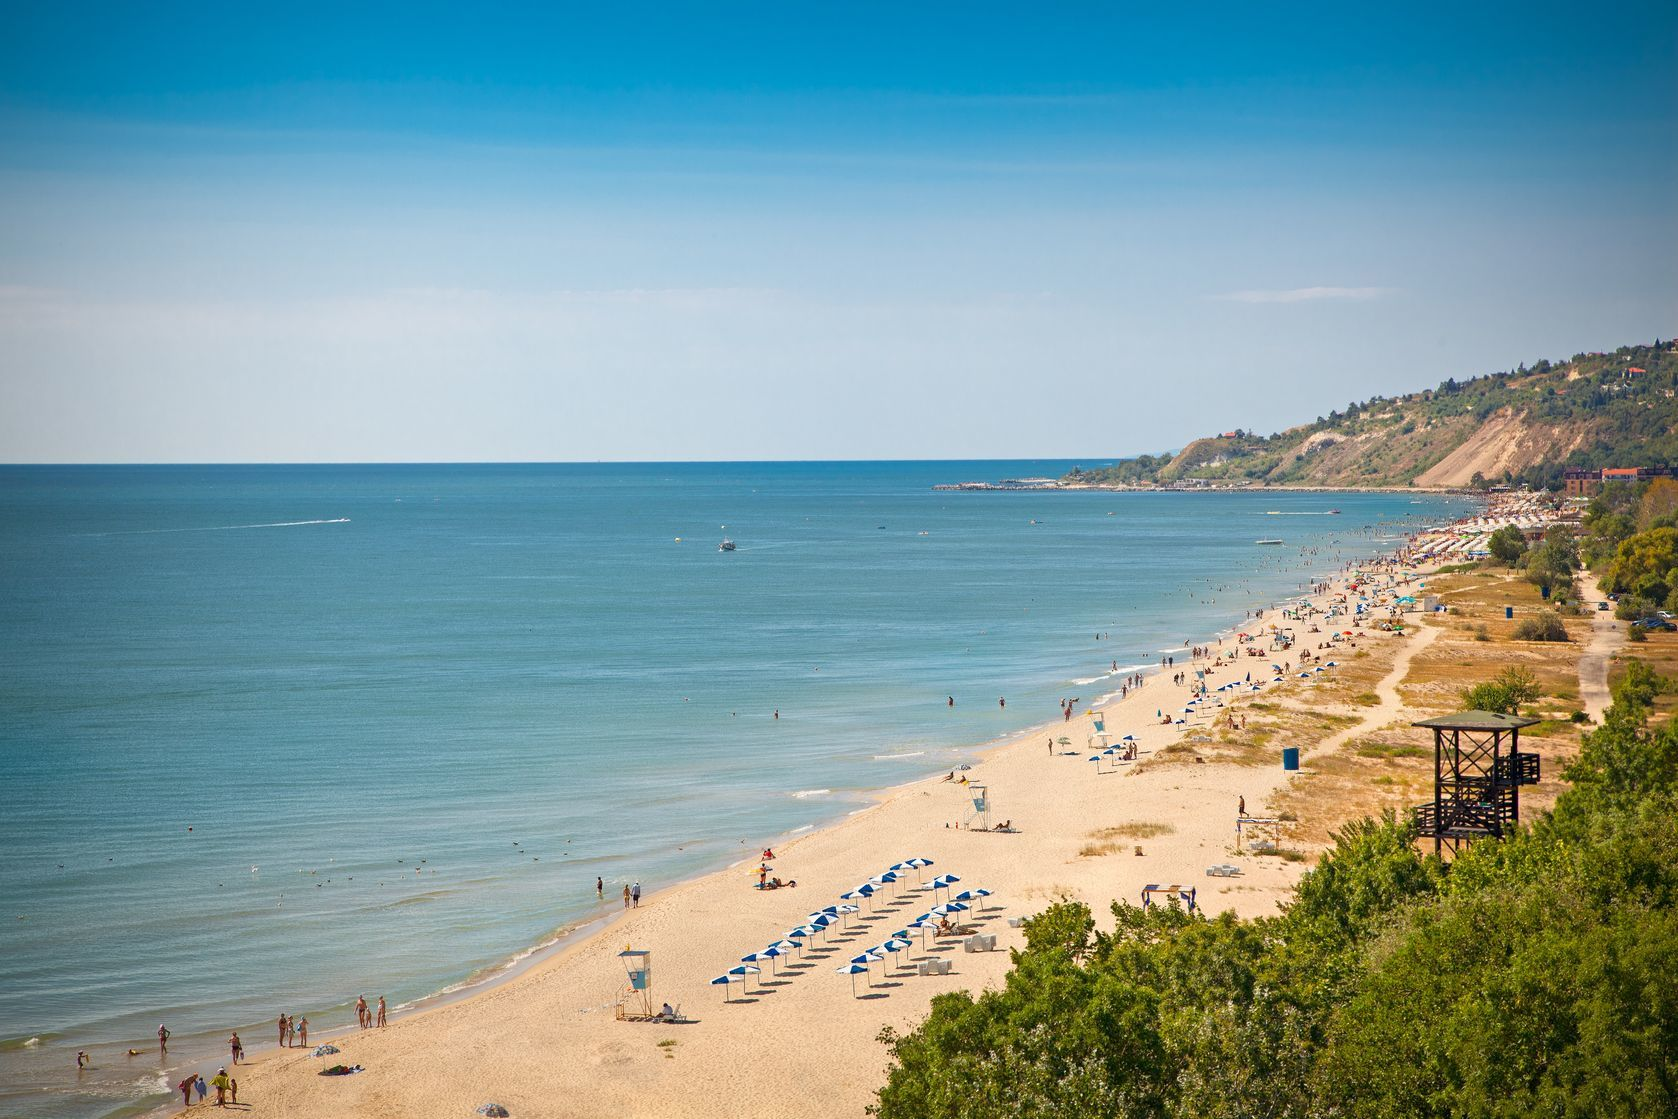 Panoramatický pohled na Zlaté pobřeží v Bulharsku   master2/123RF.com